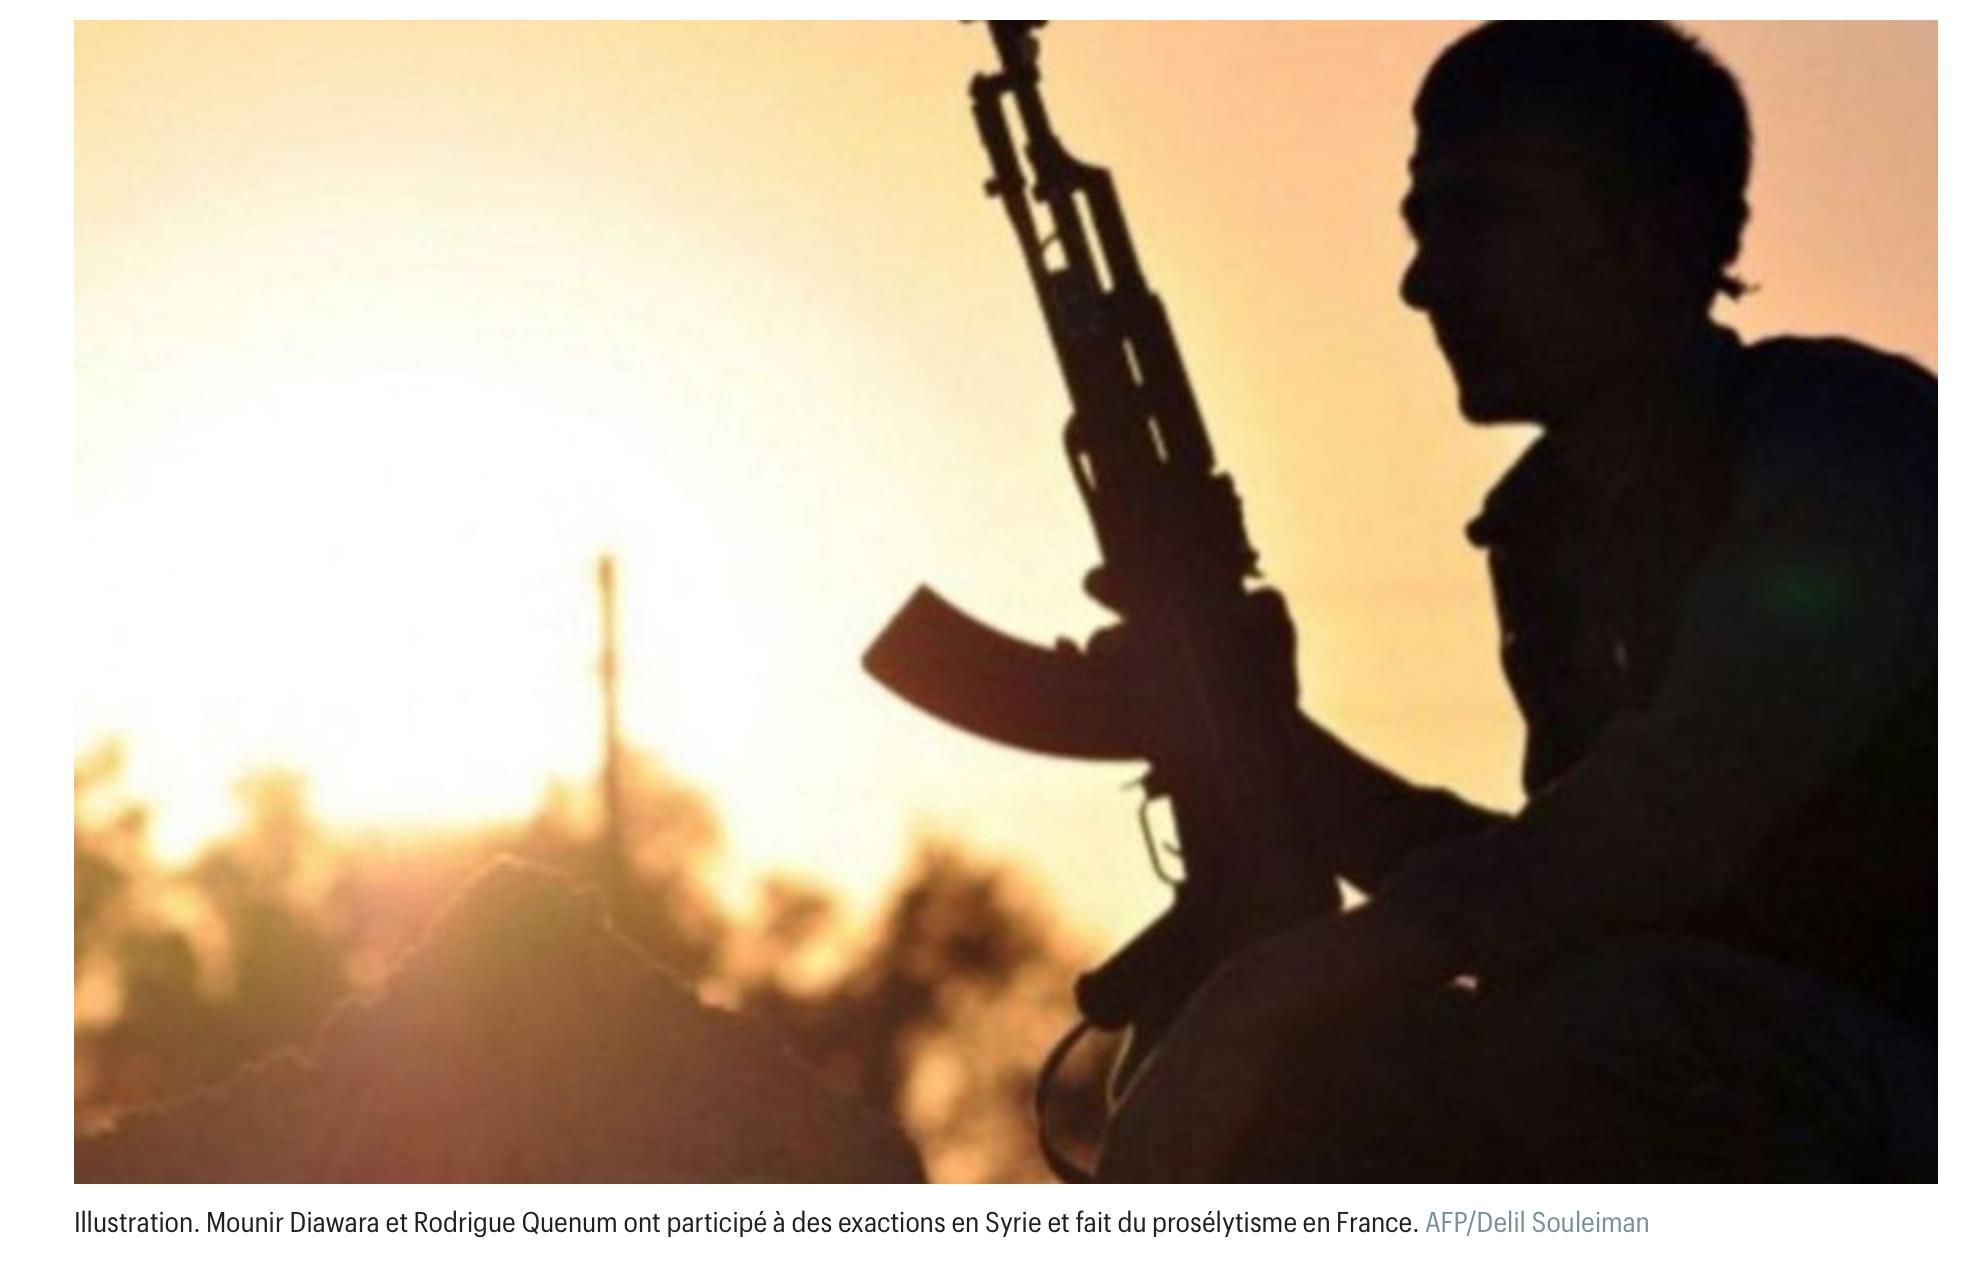 On solde ! Peines réduites en appel pour 2 djihadistes toulousains ayant combattu dans les rangs de Daesch